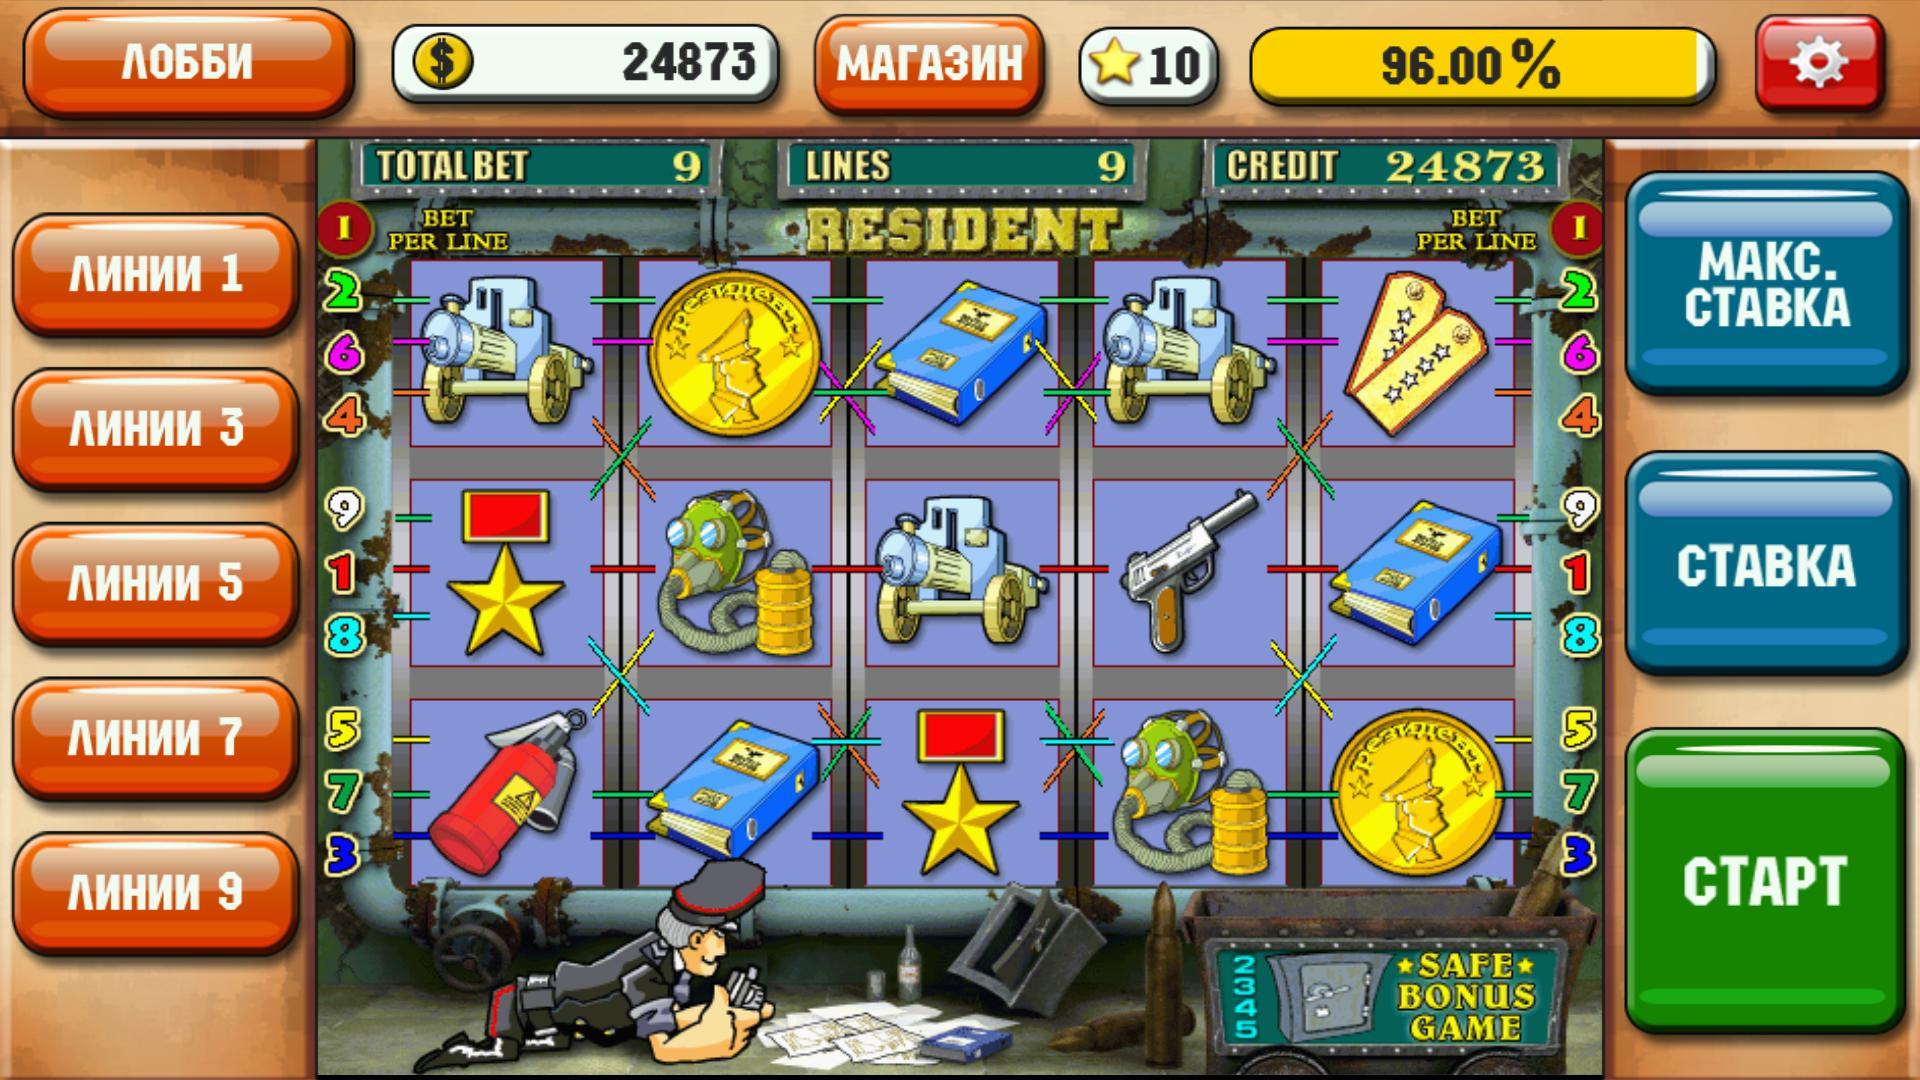 Игровые автоматы в онлайн бесплатно